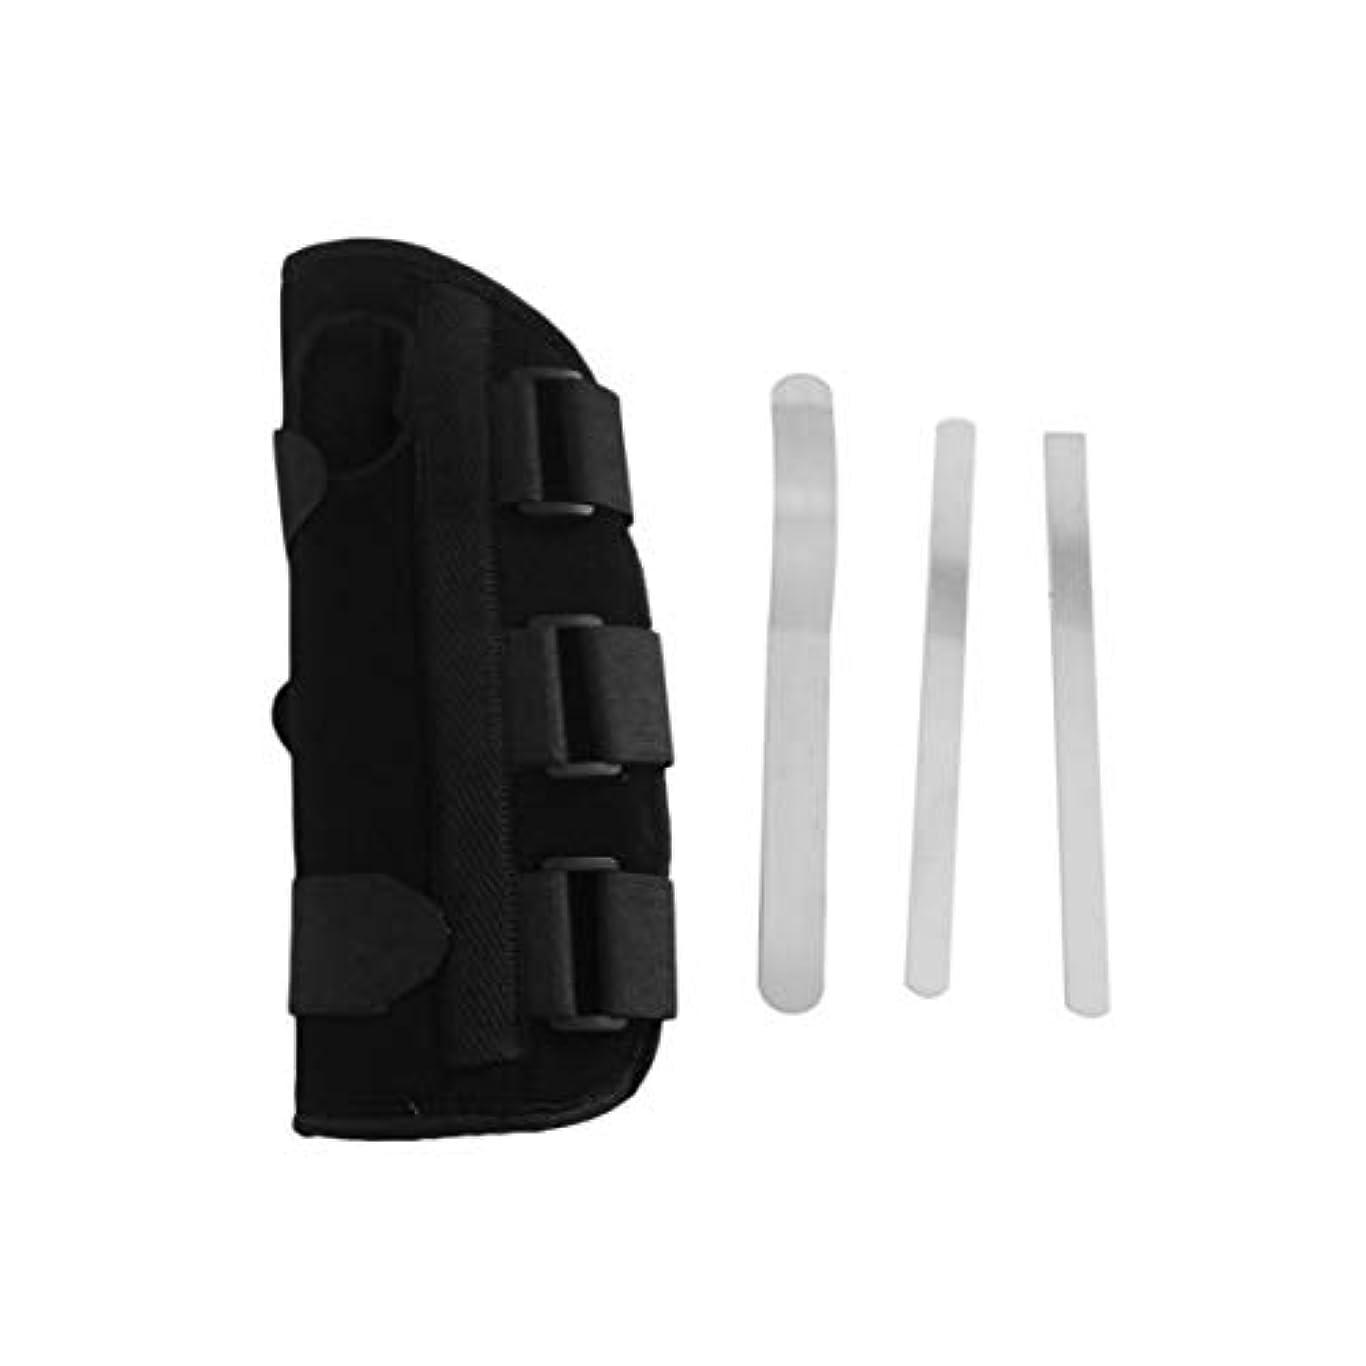 髄のため数字手首副木ブレース保護サポートストラップカルペルトンネルCTS RSI痛み軽減リムーバブル副木快適な軽量ストラップ - ブラックM